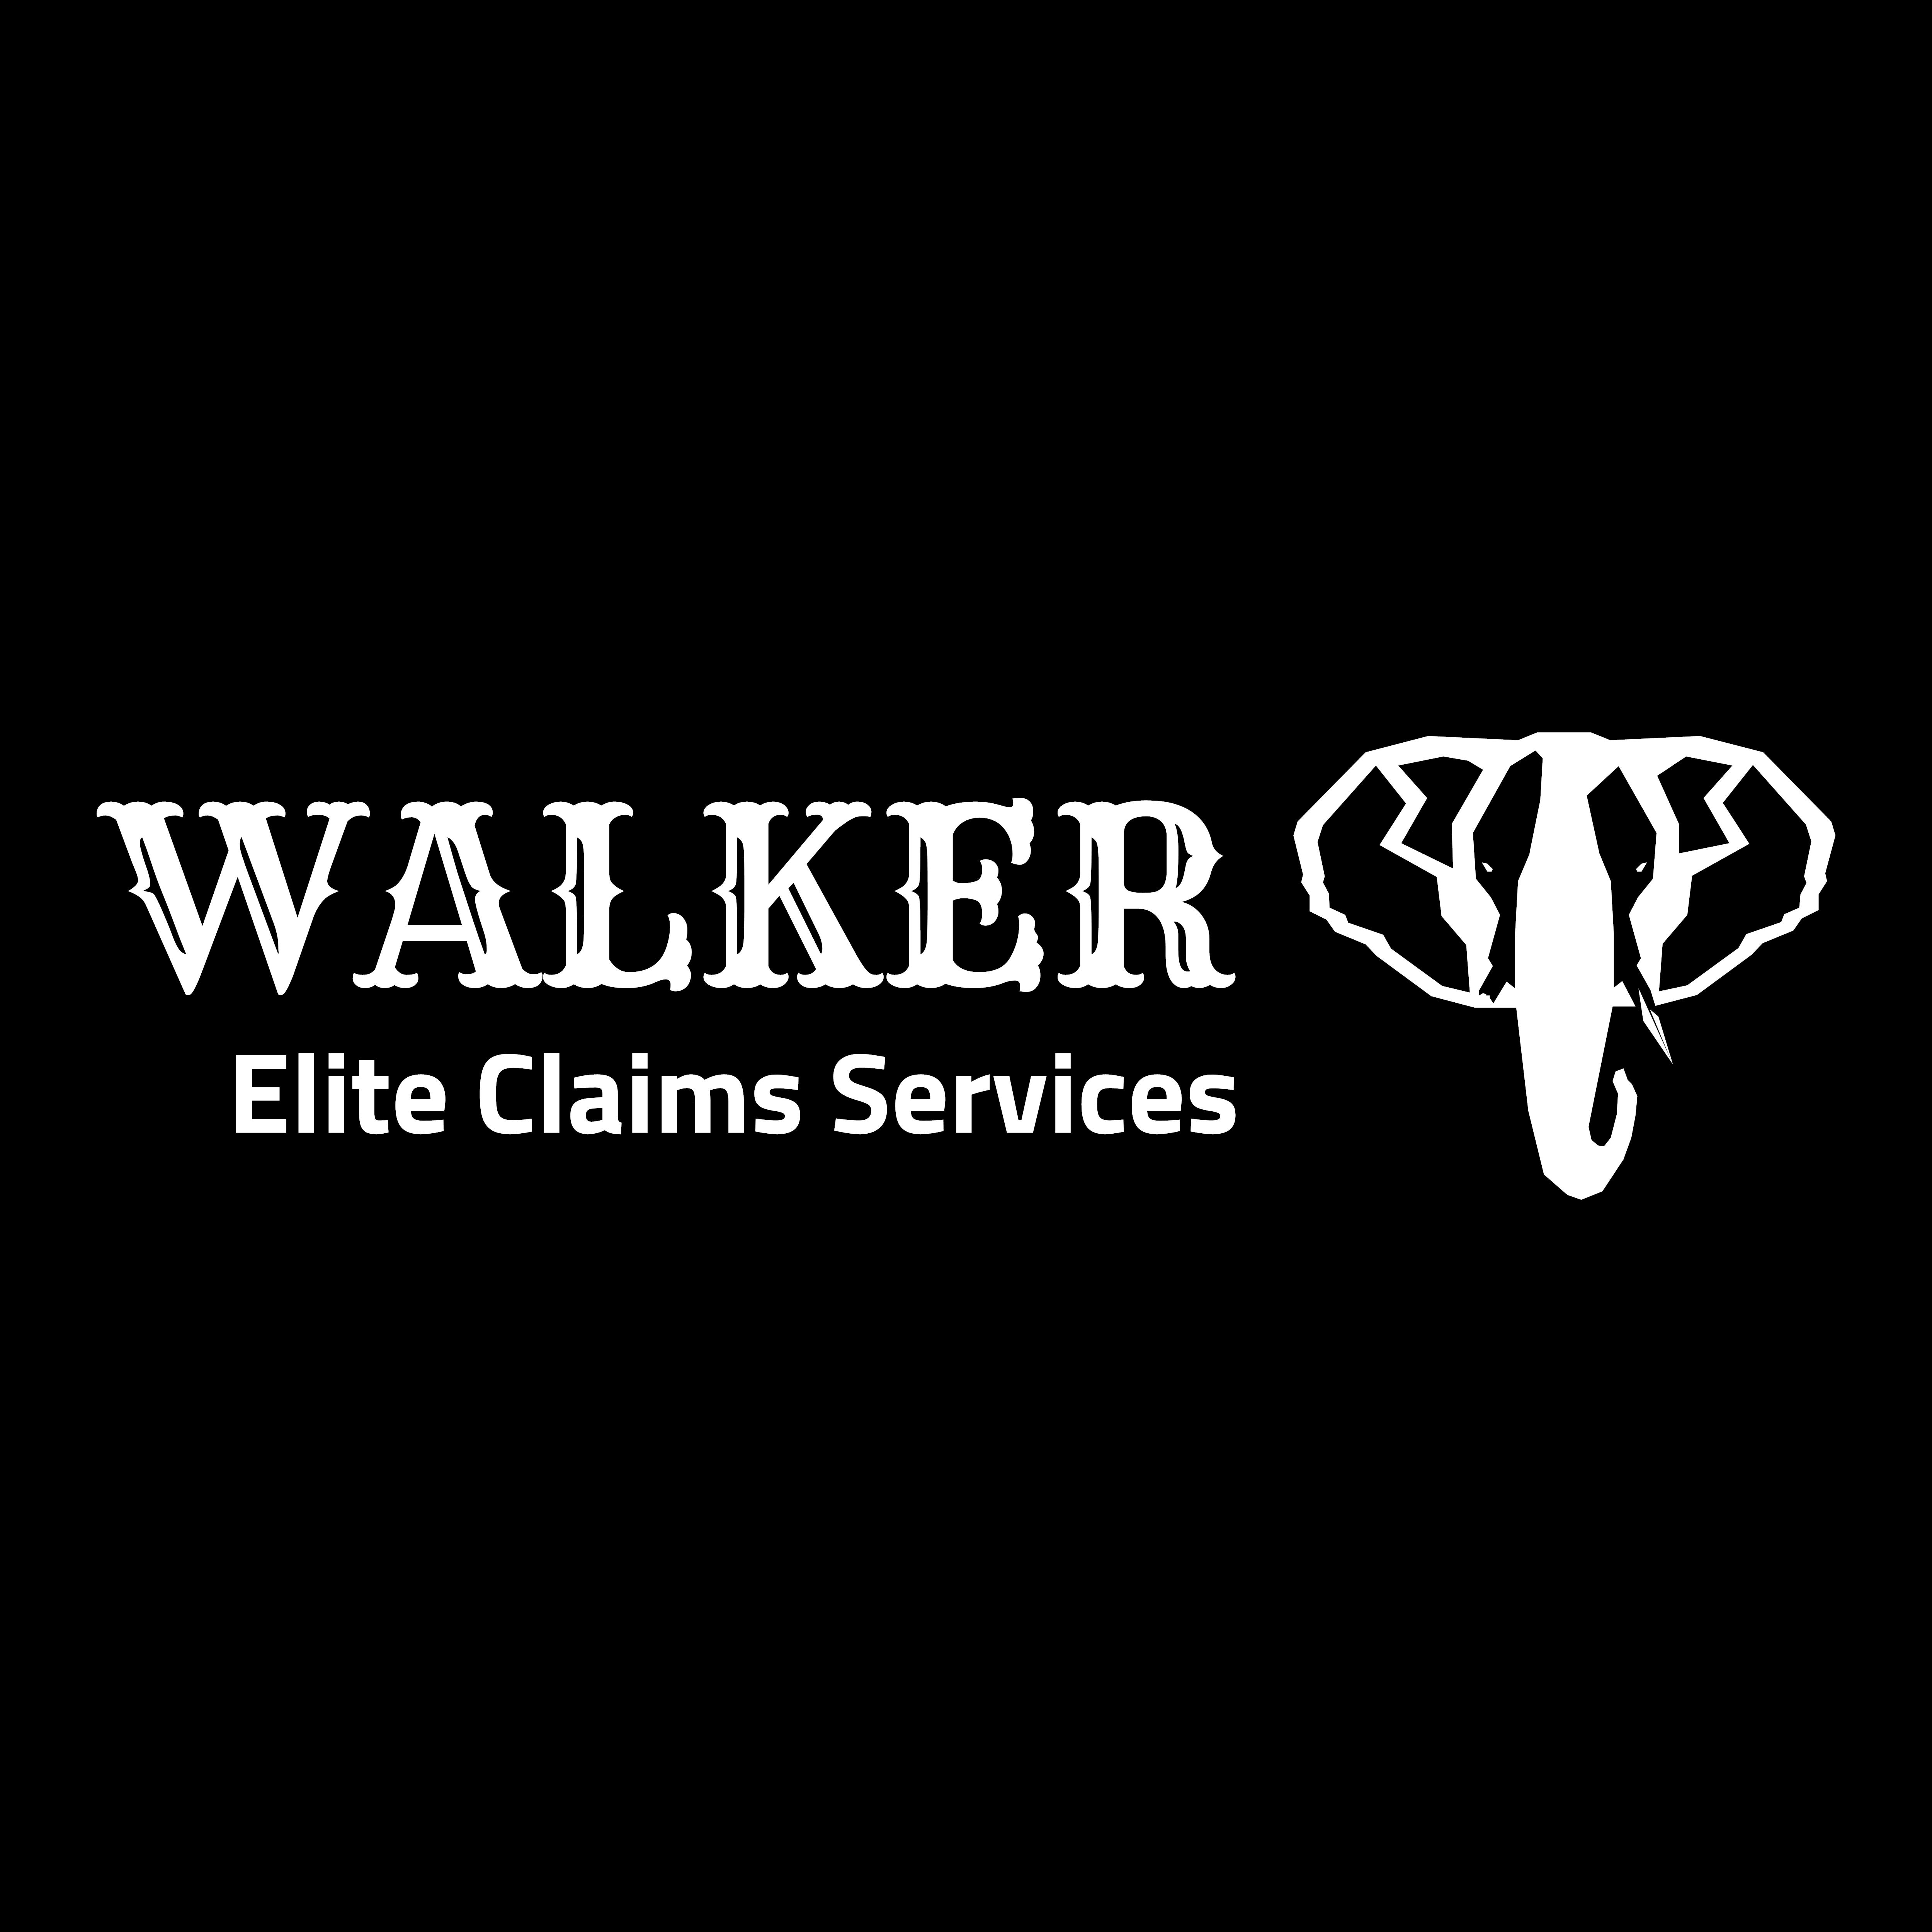 Walker Elite Claims Services